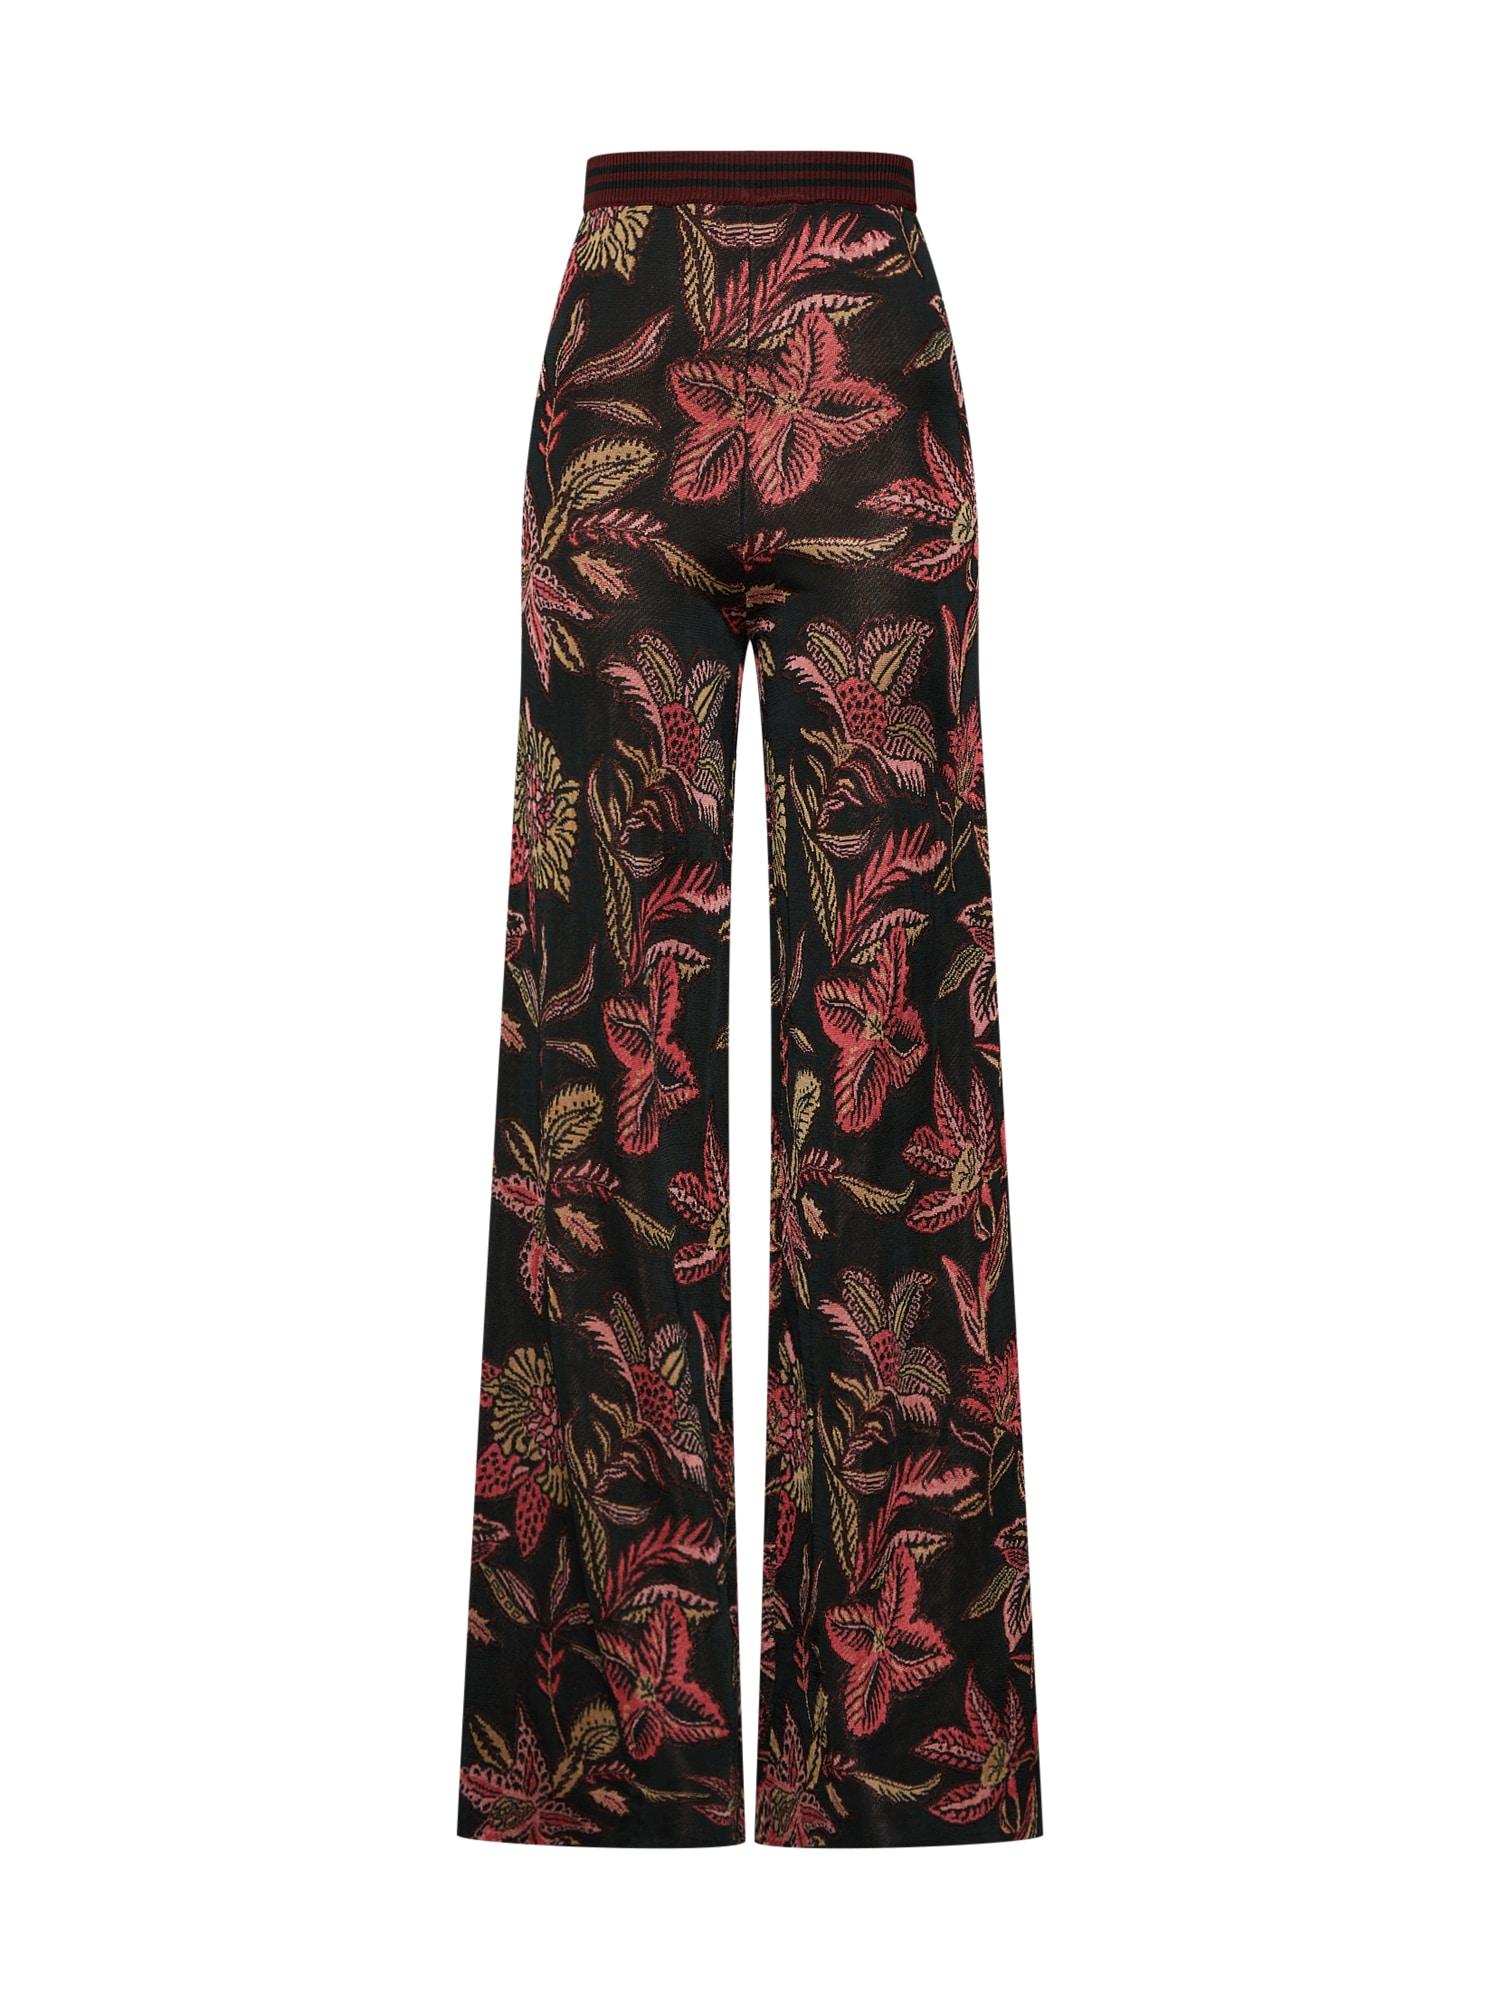 Kalhoty knitted pants mix barev růžová černá SCOTCH & SODA